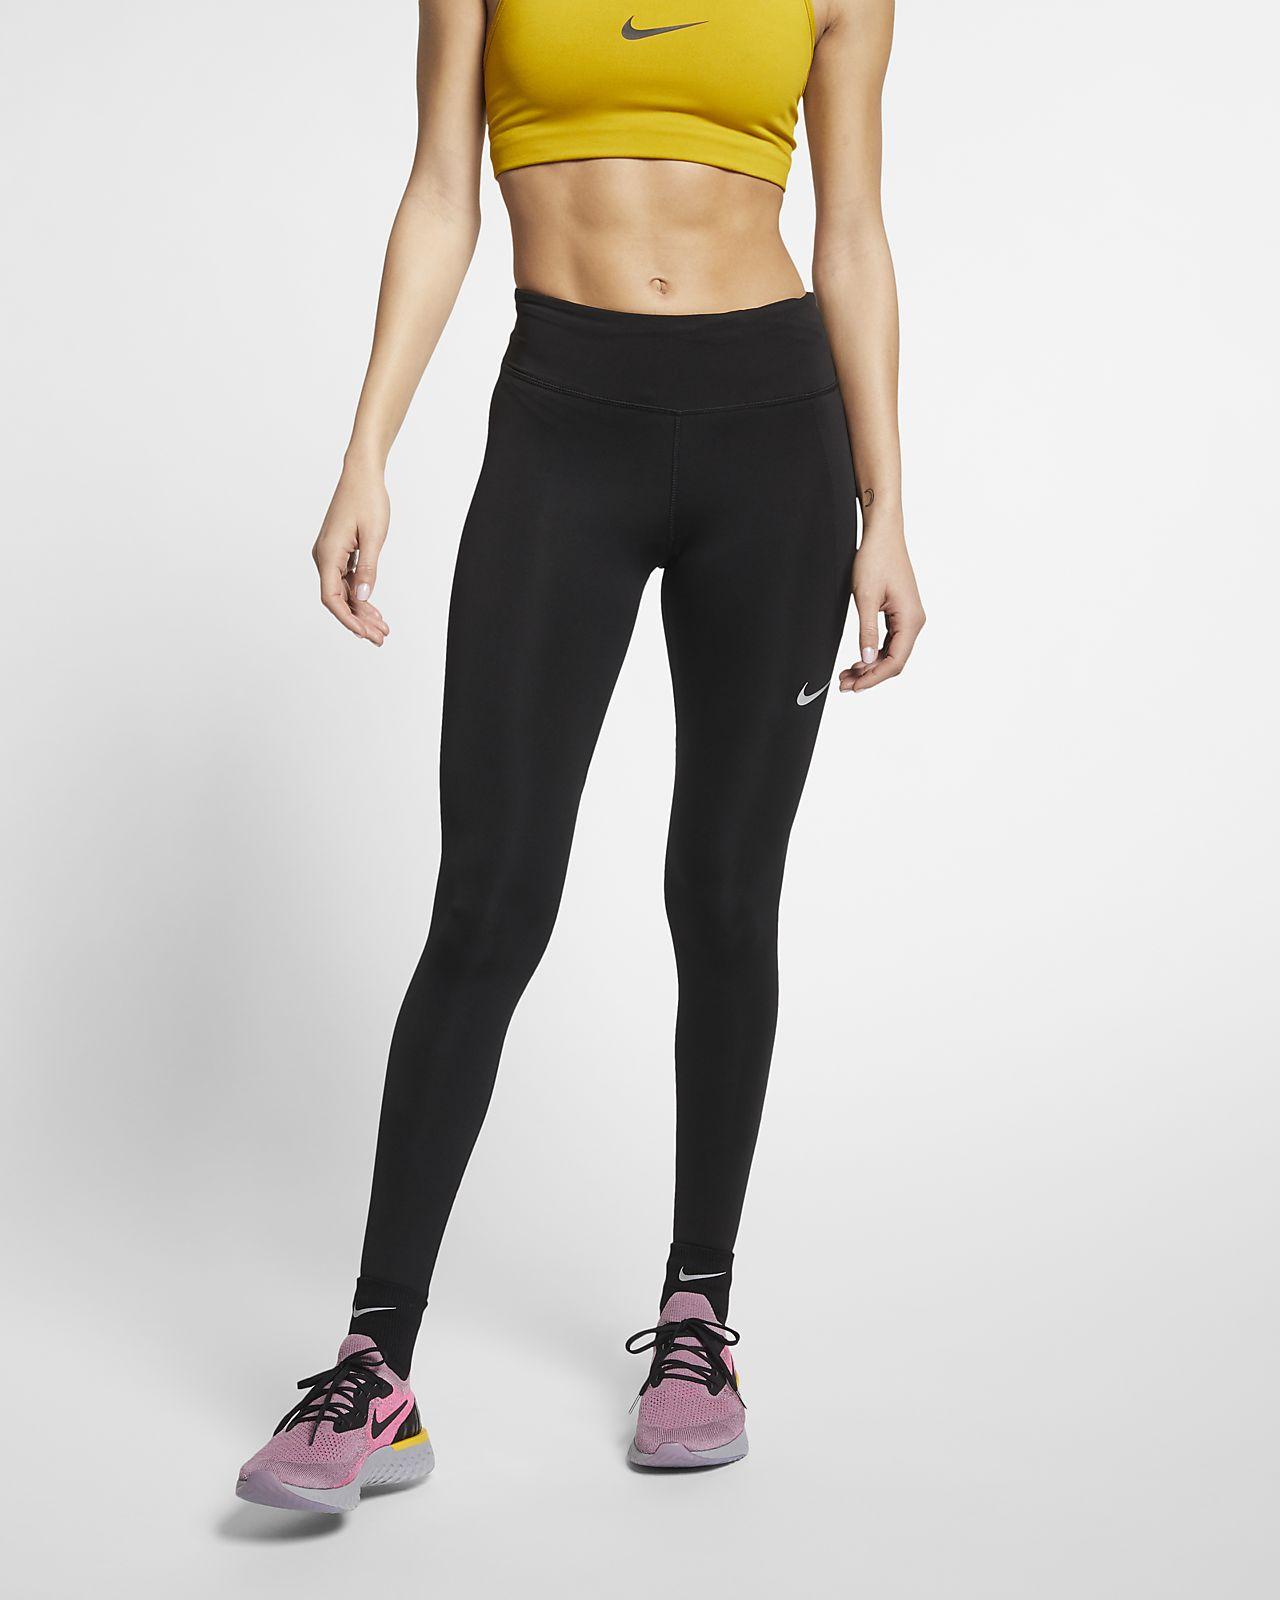 Tights de running Nike Fast para mulher